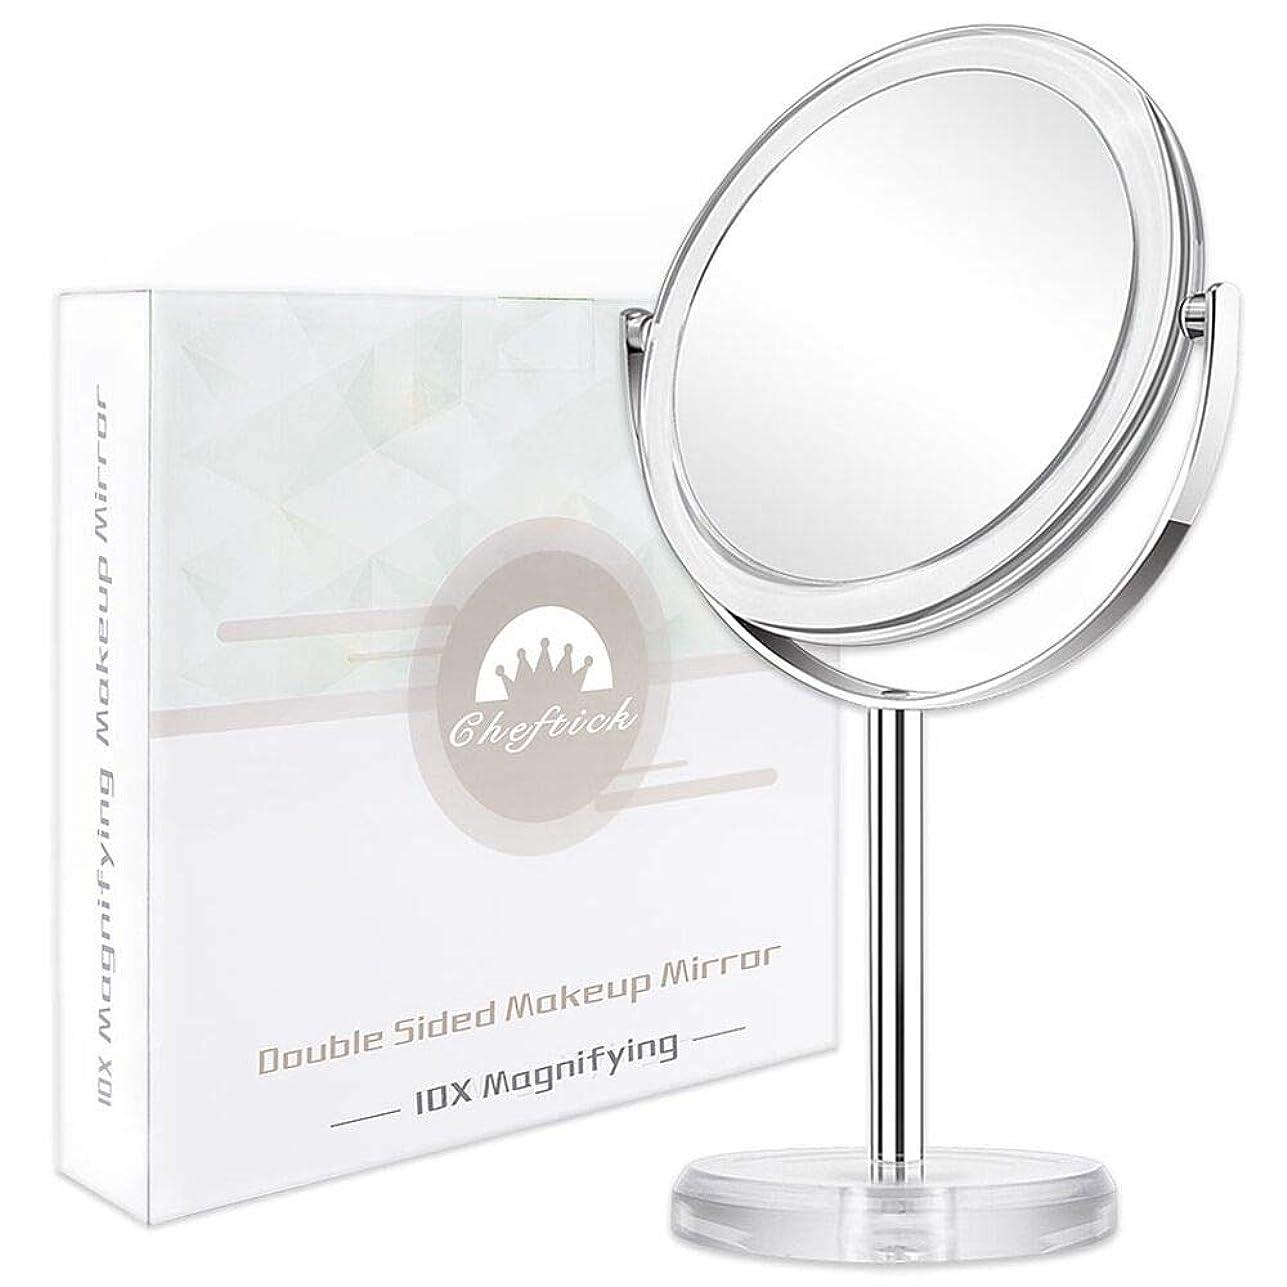 付属品オーバーフロー感謝Cheftick 10倍&等倍両面鏡 化粧鏡 拡大鏡 スタンドミラー 360°回転 取り外せる